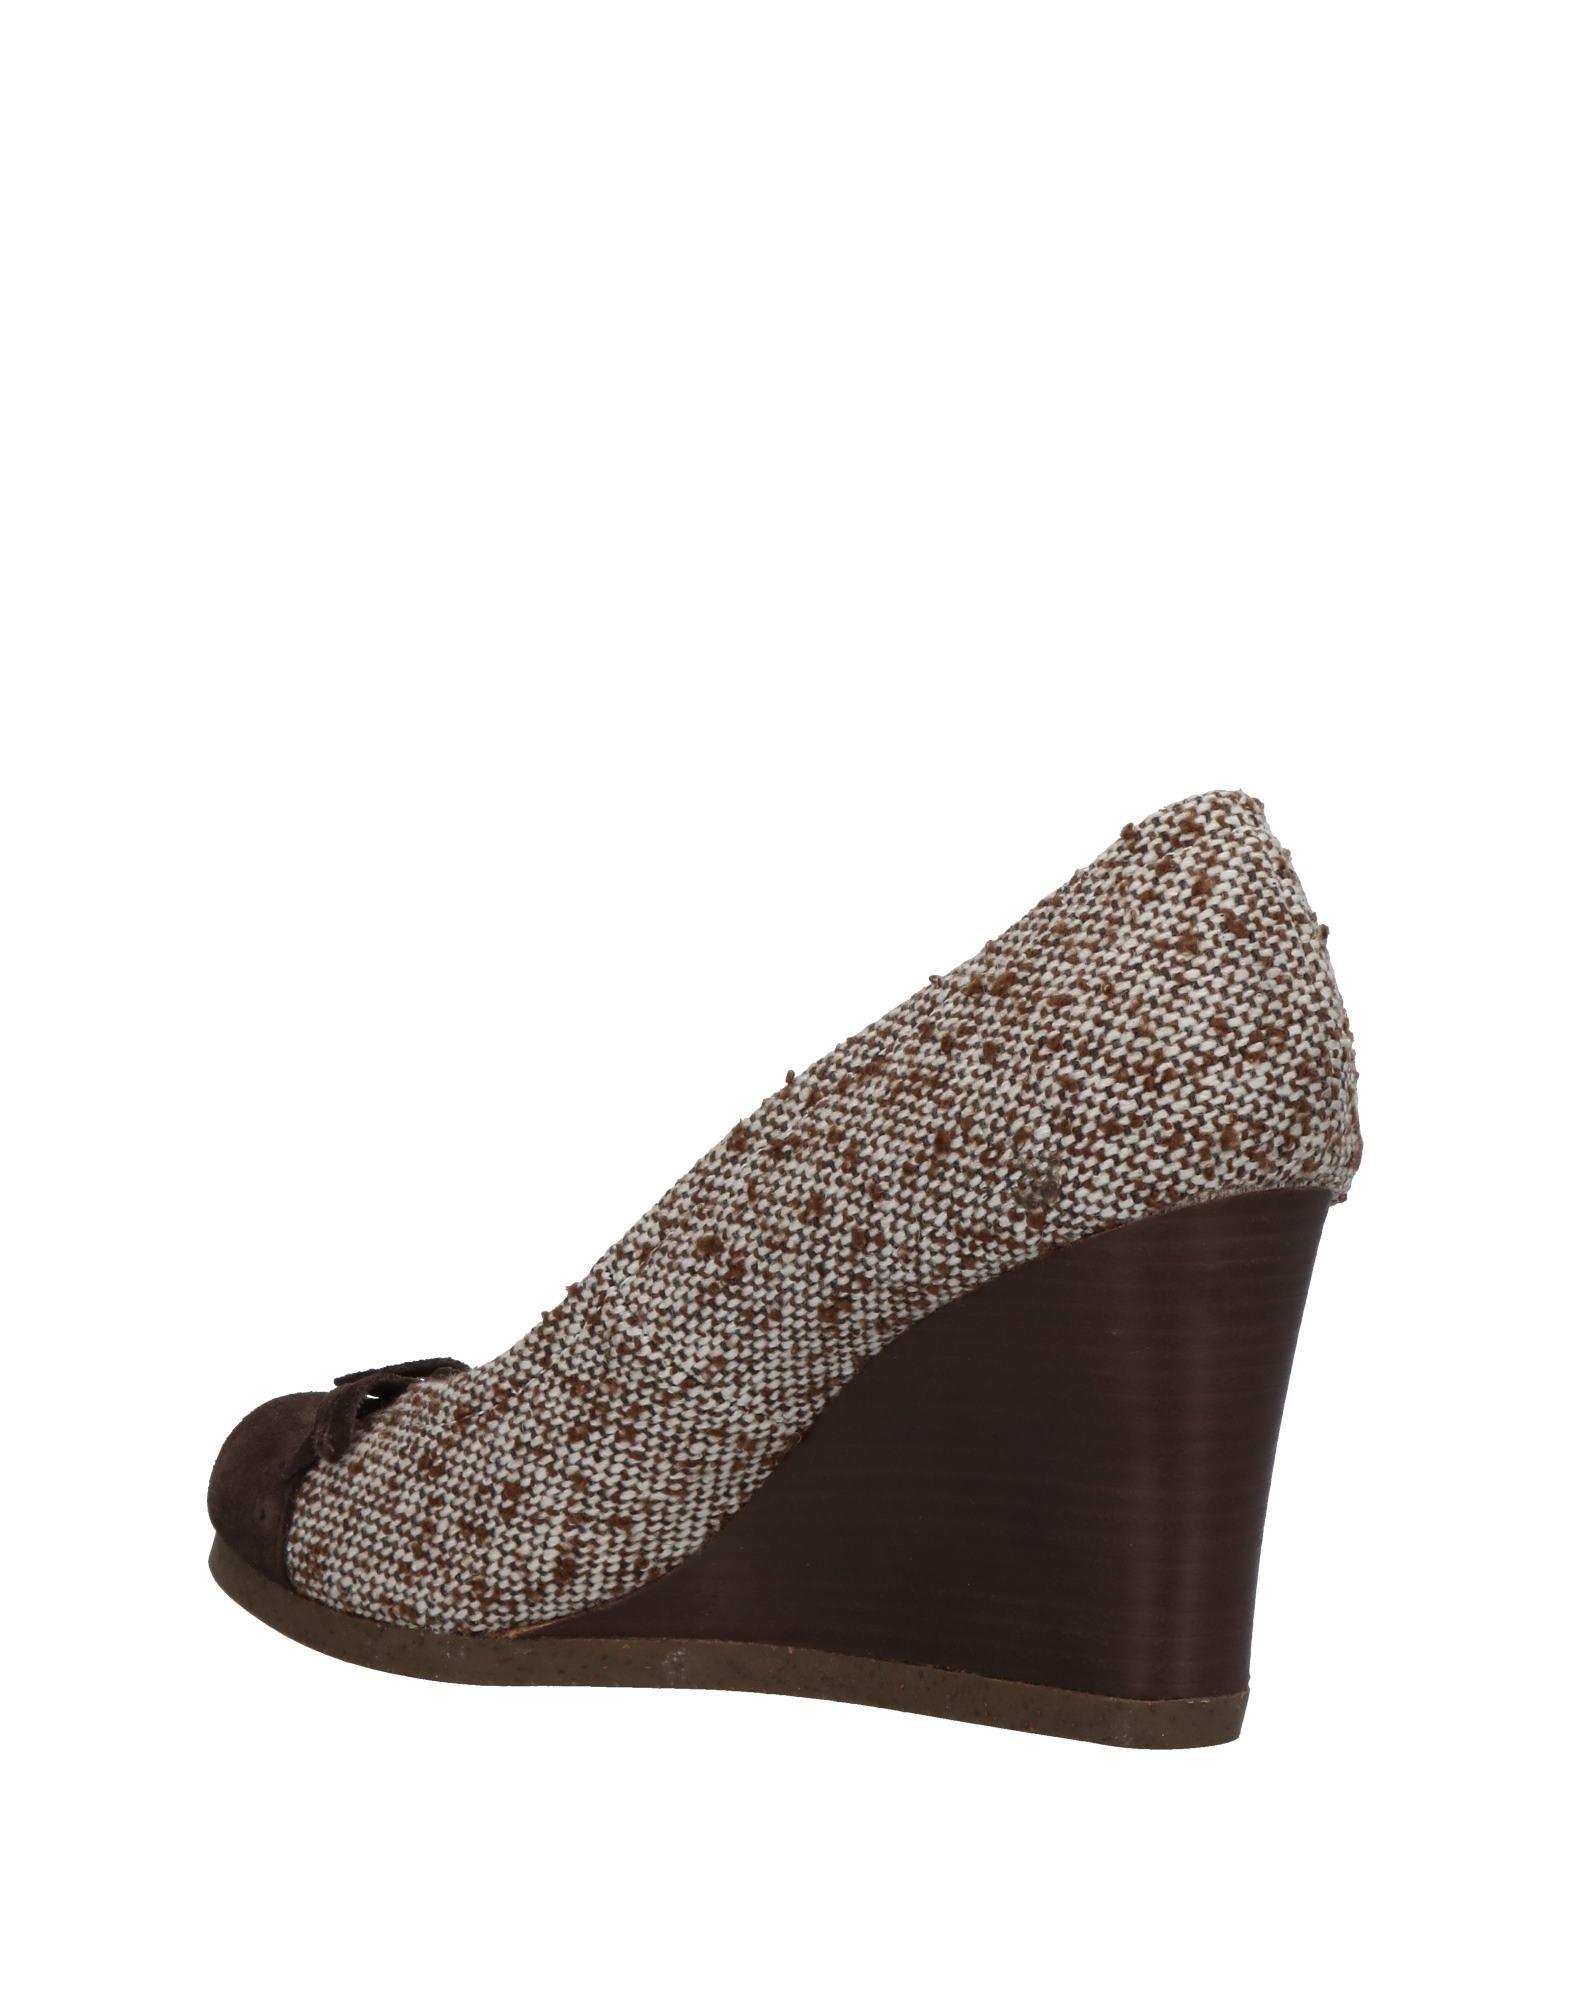 Scholl Pumps Damen  11379804VX Gute Qualität Schuhe beliebte Schuhe Qualität 1b9388